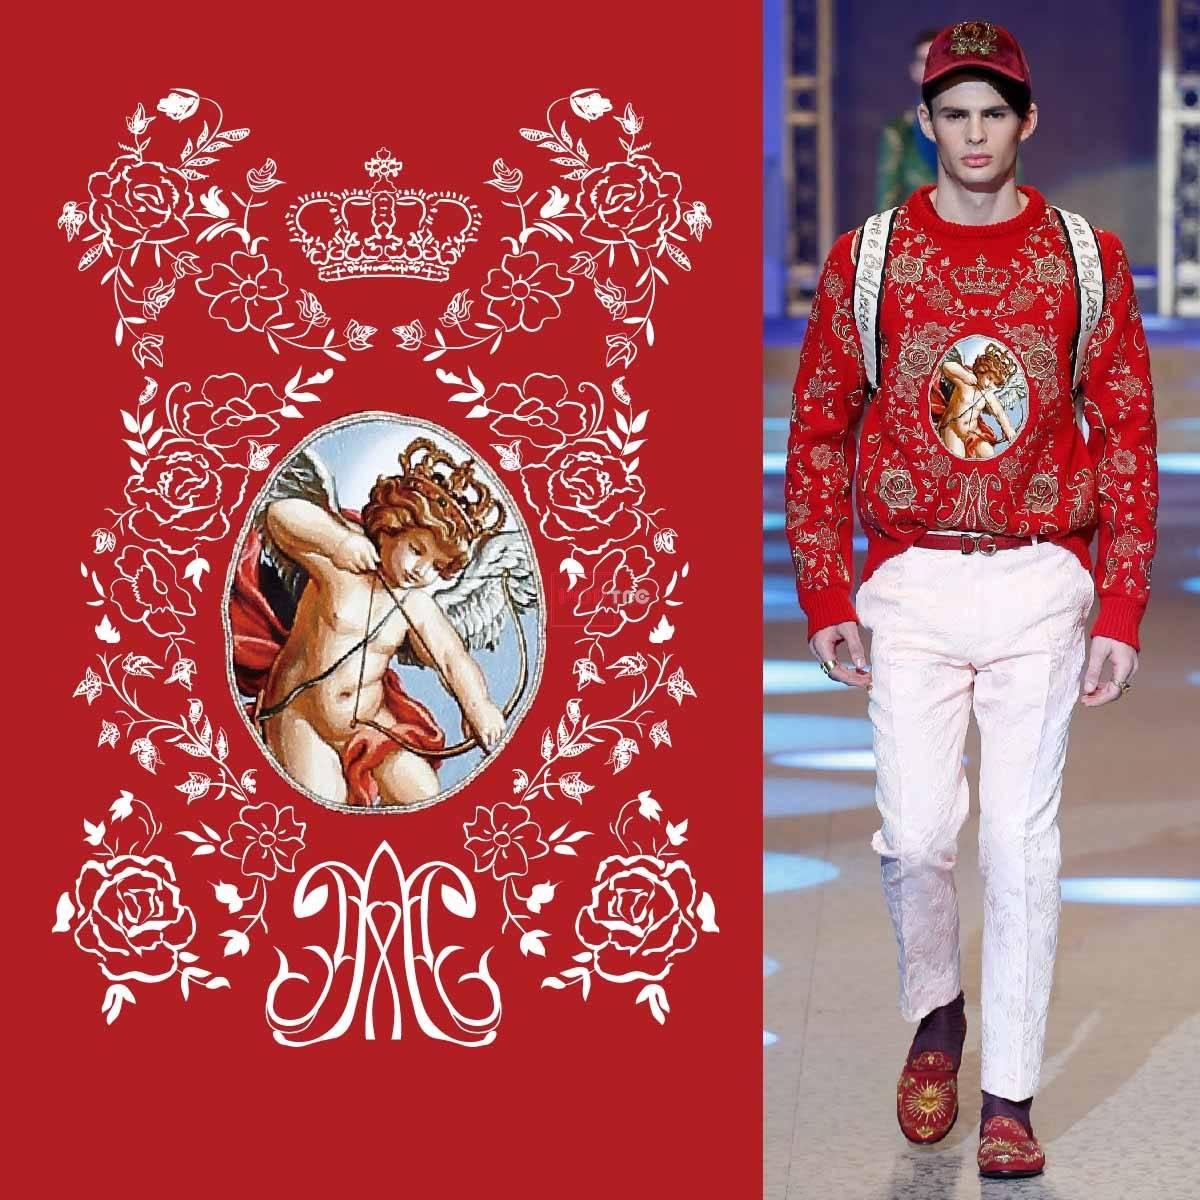 几何植物花纹丘比特皇冠印花图案服装裁片T恤卫衣烫图印花花型素材-POP花型网